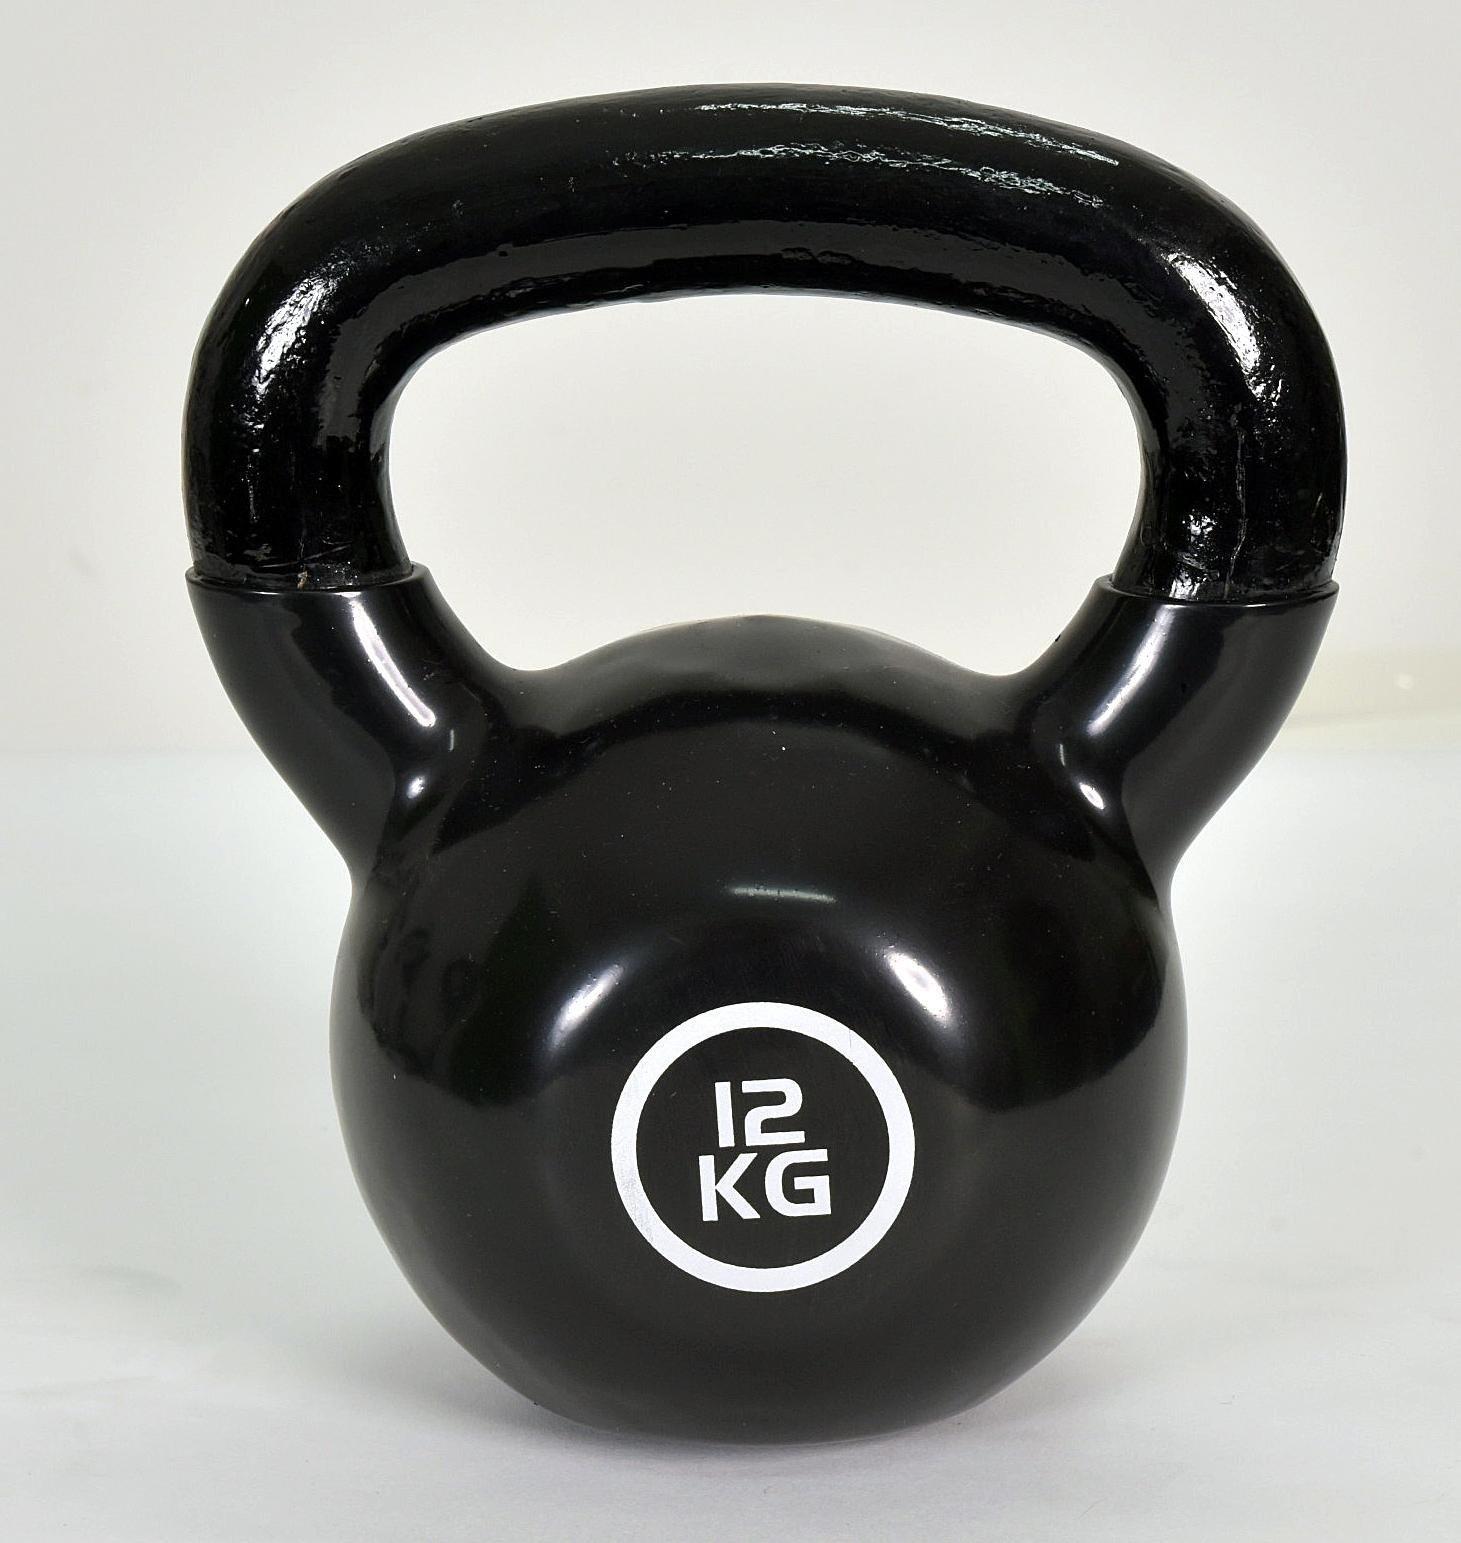 Kettlebell »Kettlebell 12KG«, 12 kg